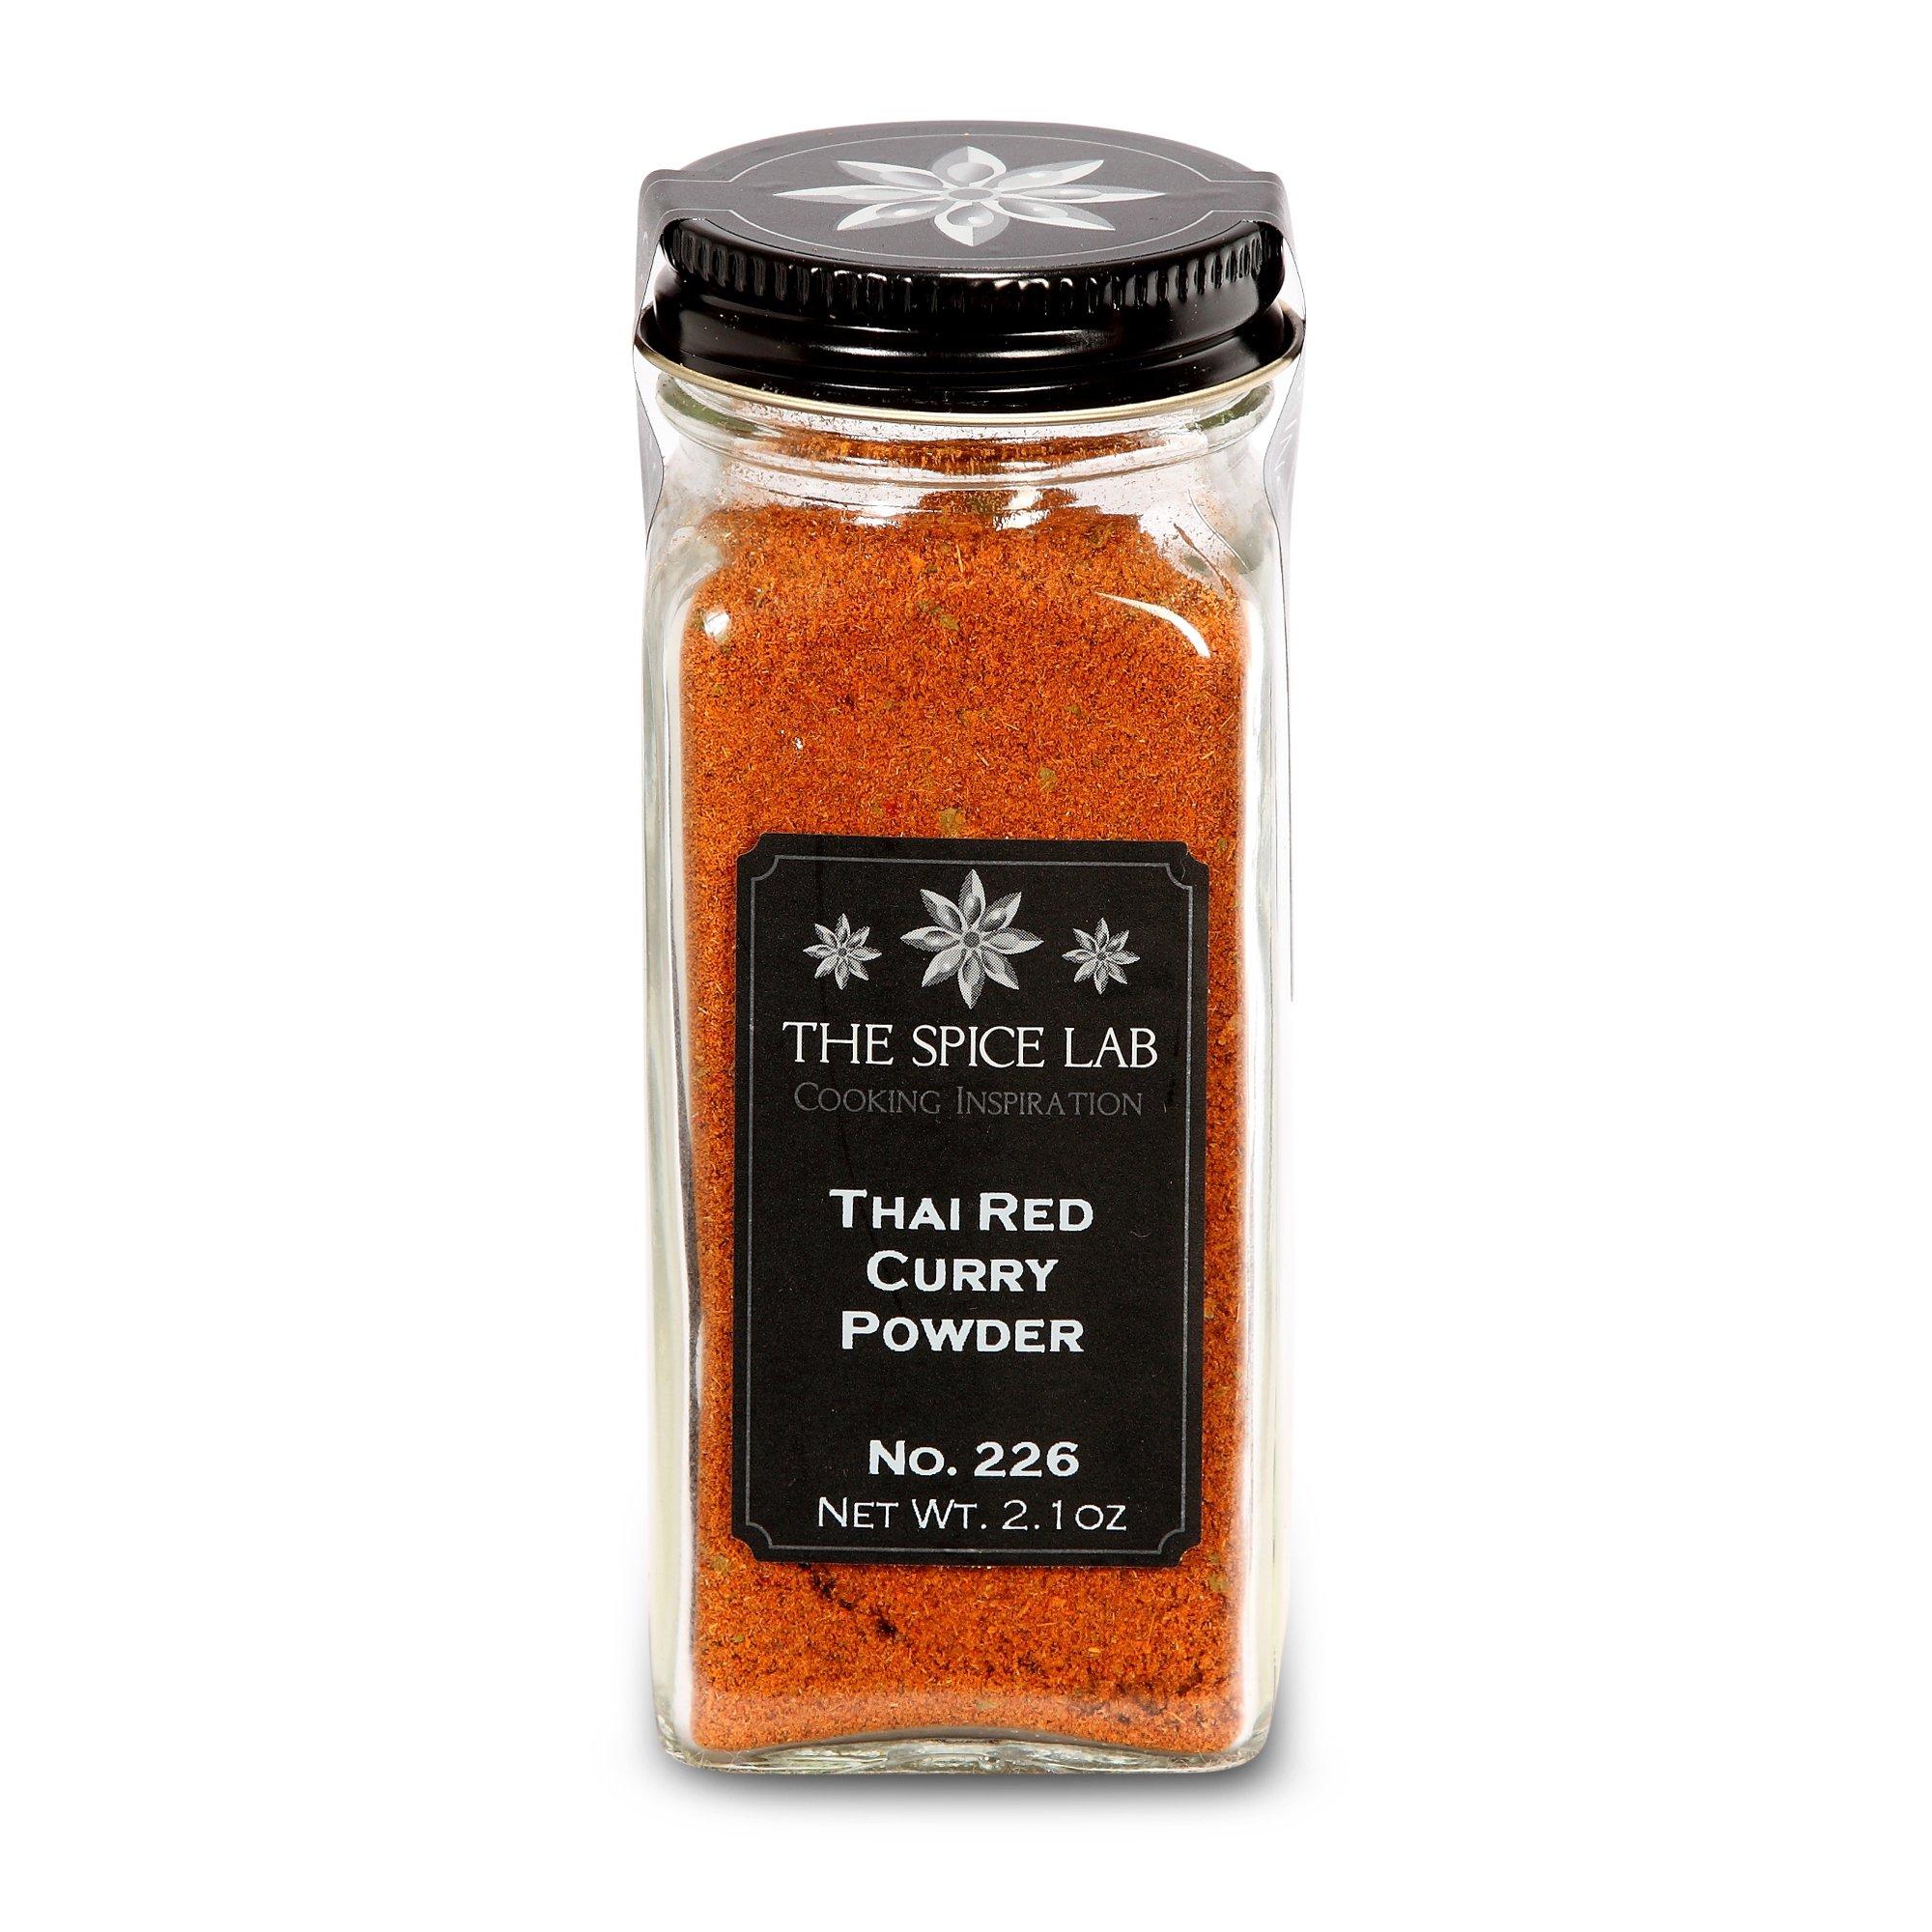 Amazon.com : The Spice Lab No. 228 - Thai Coconut Green ...